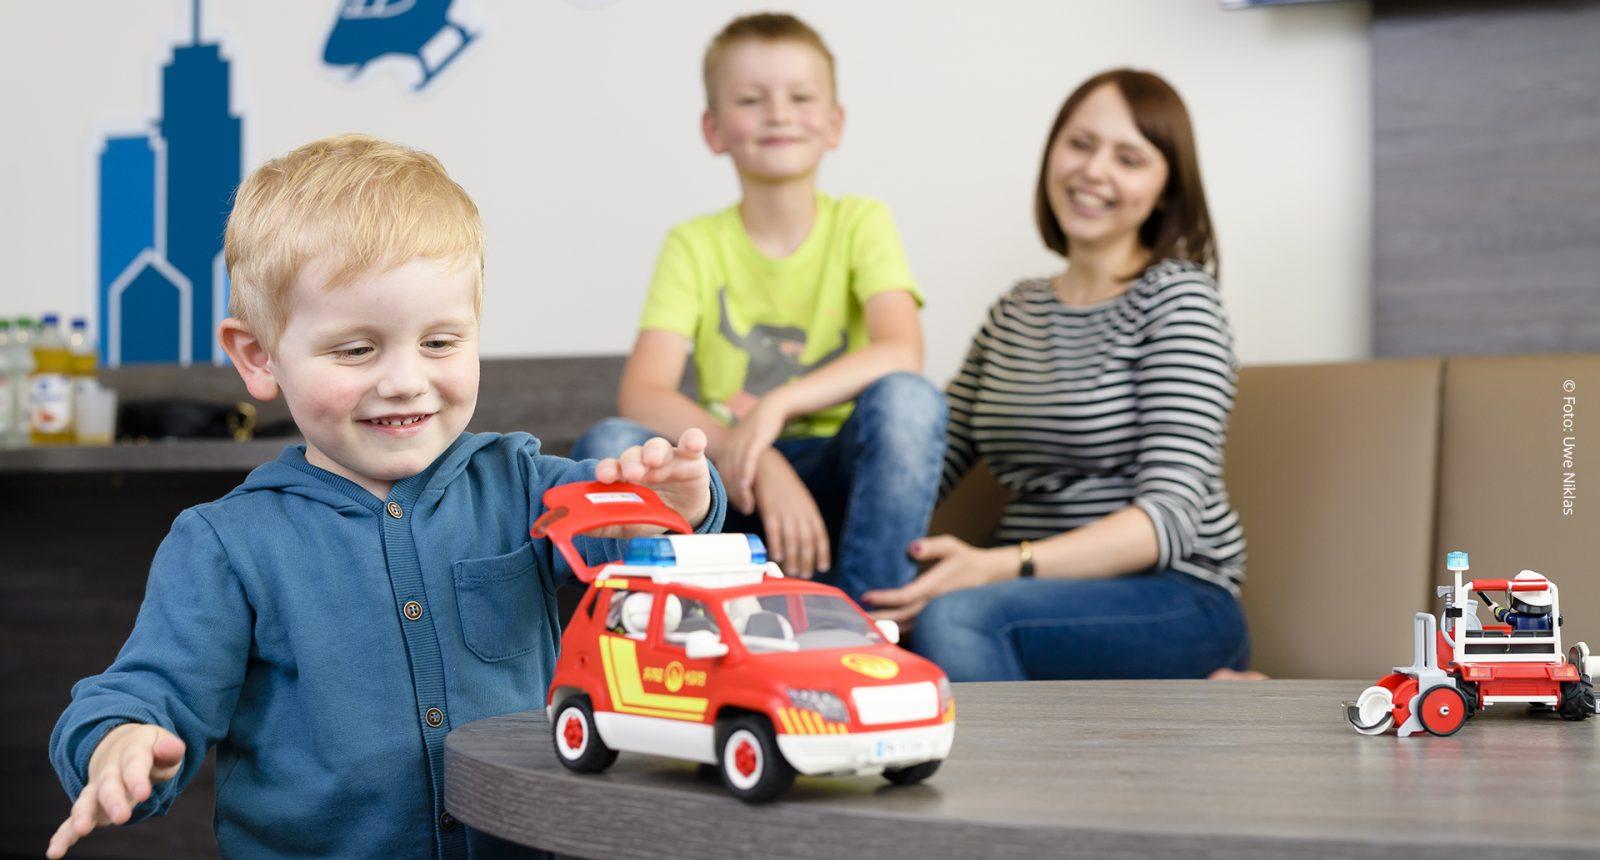 Familie Feuerwehrauto